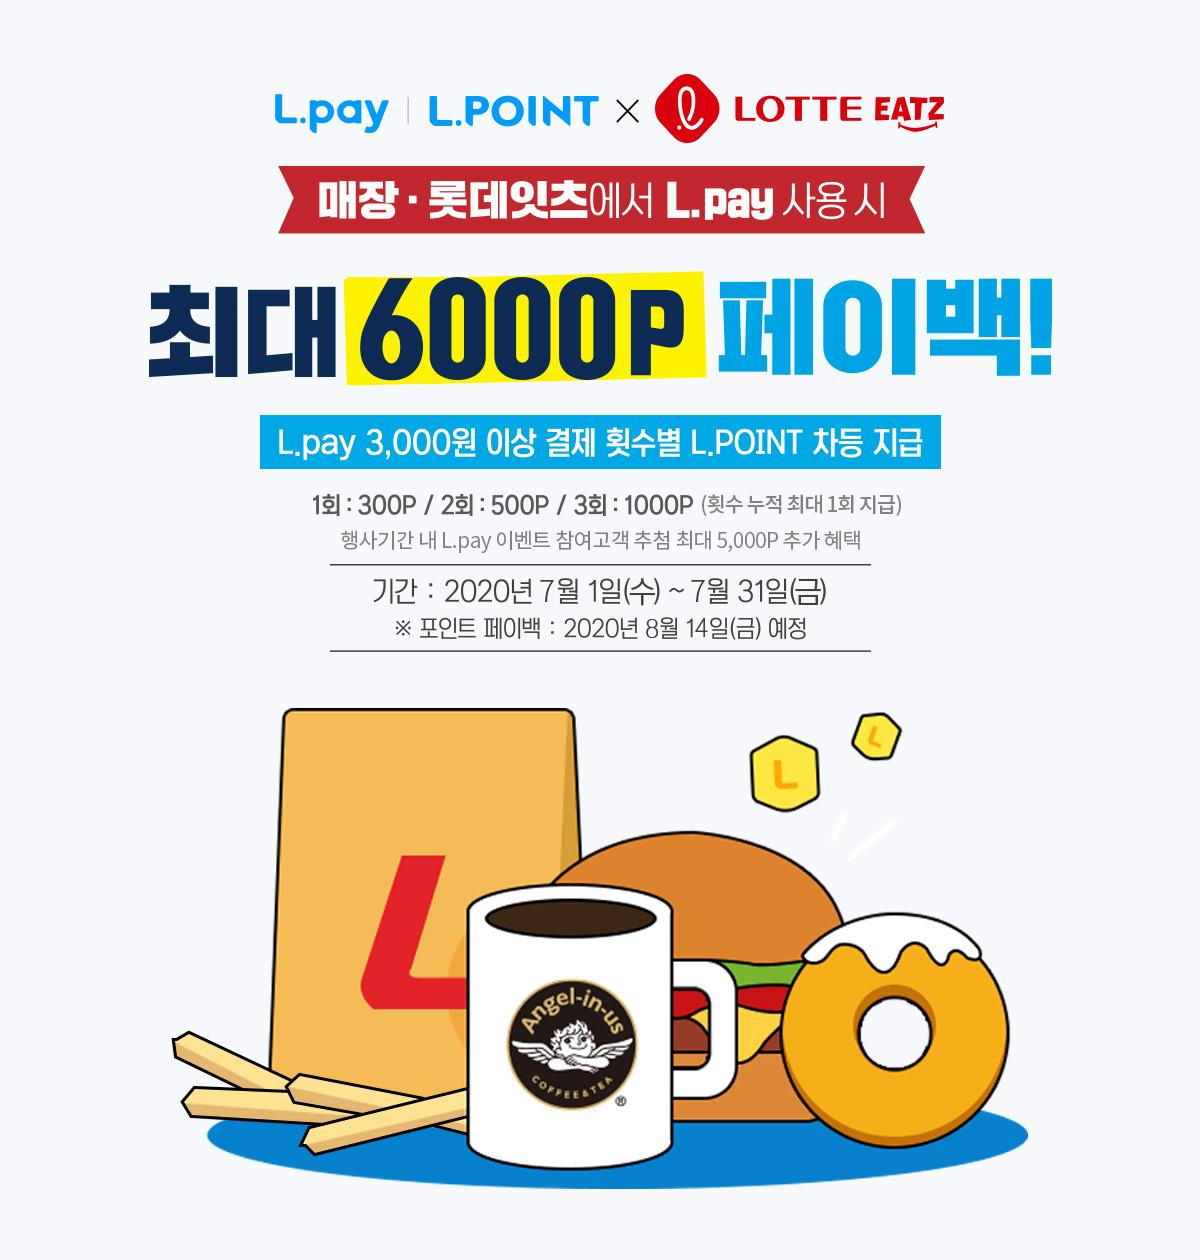 L.POINT x 롯데잇츠 프로모션